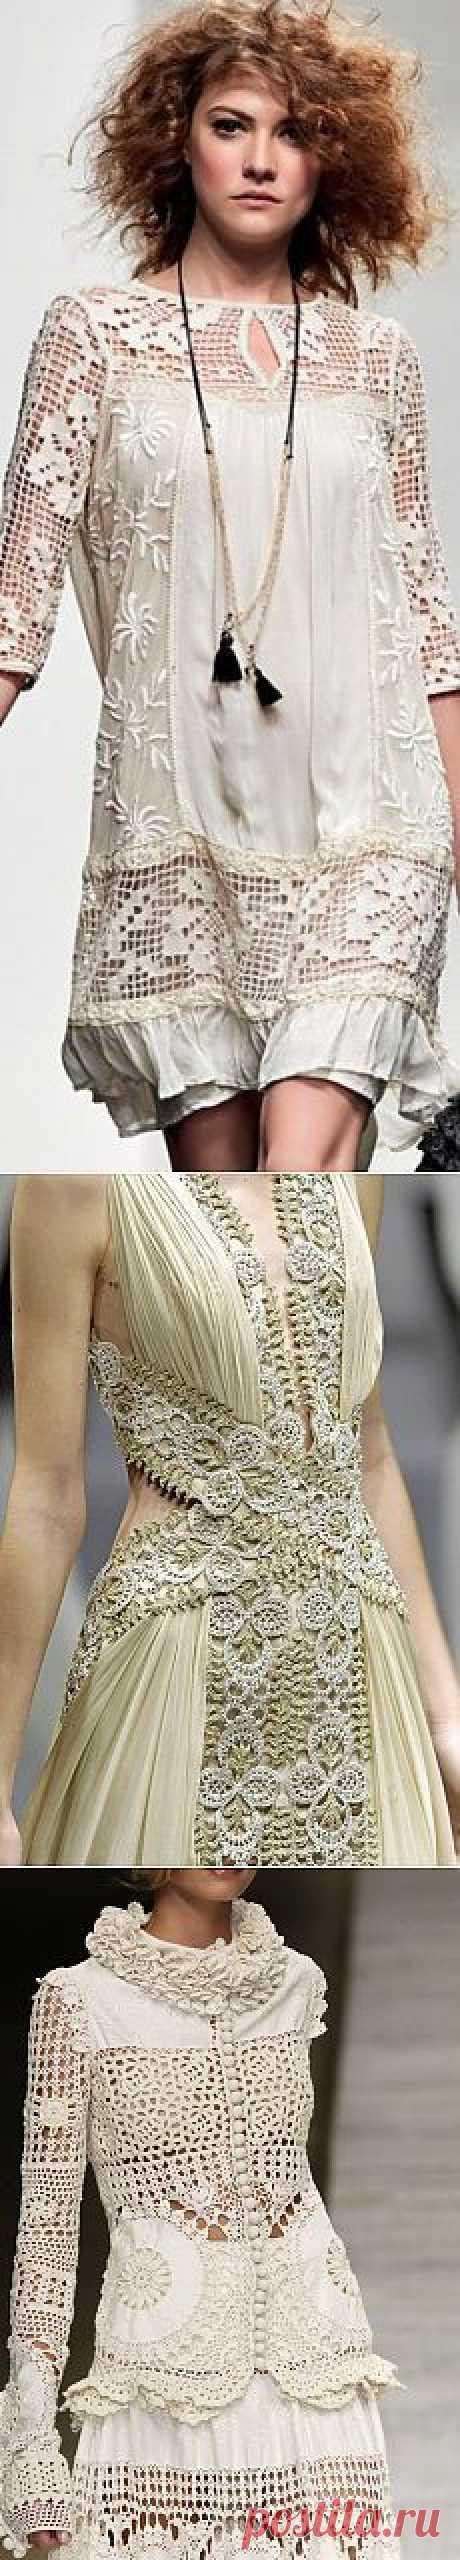 Эффектные сочетания в одежде: ажурное вязание и ткань | шедевры БоХО